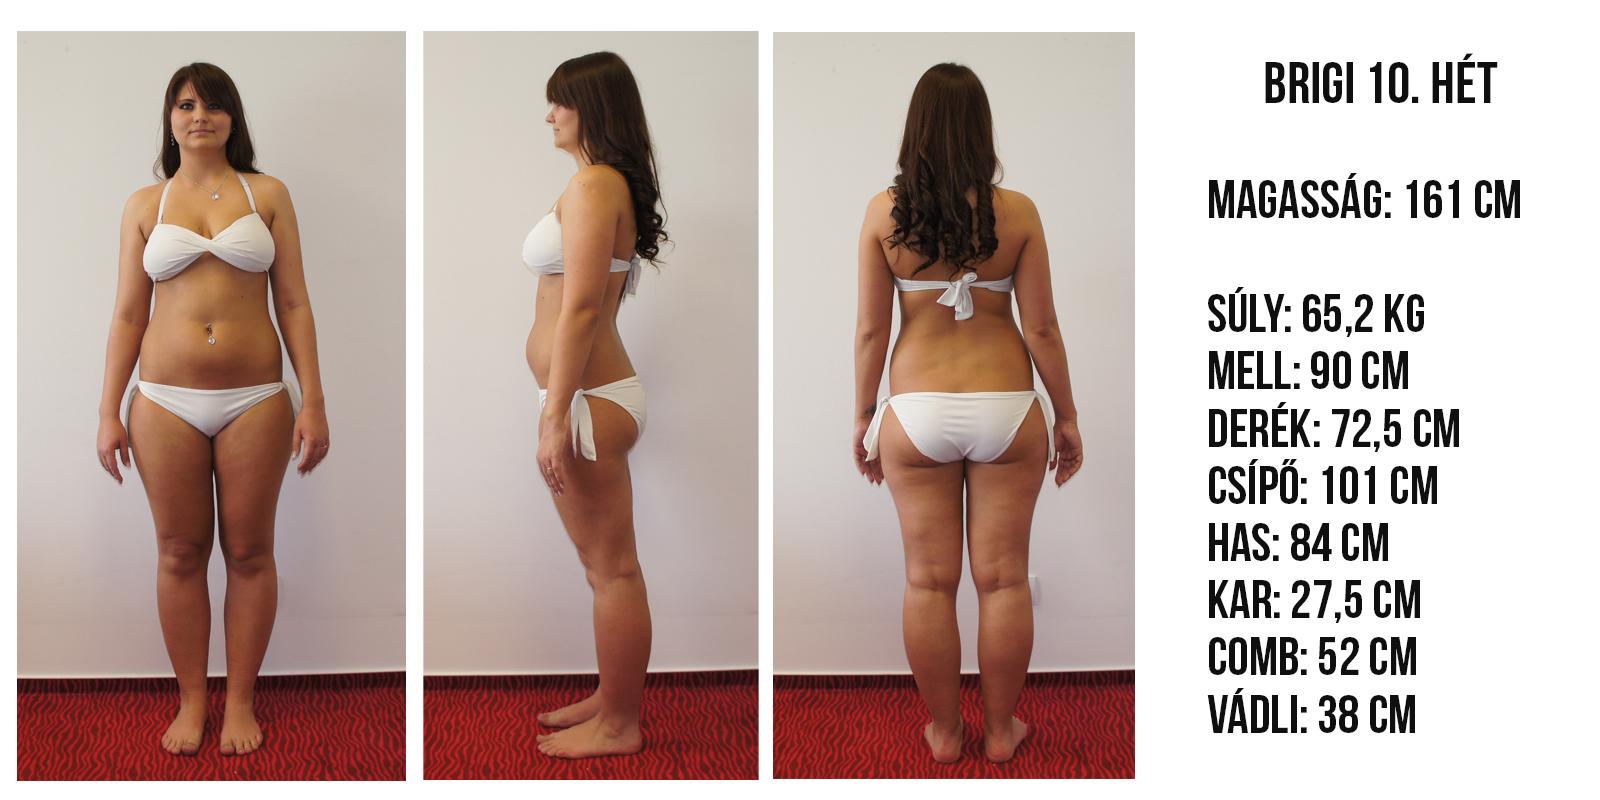 javítja- e a fogyás a vérkeringést? egy hónap alatt elveszíti 20 kg súlyát